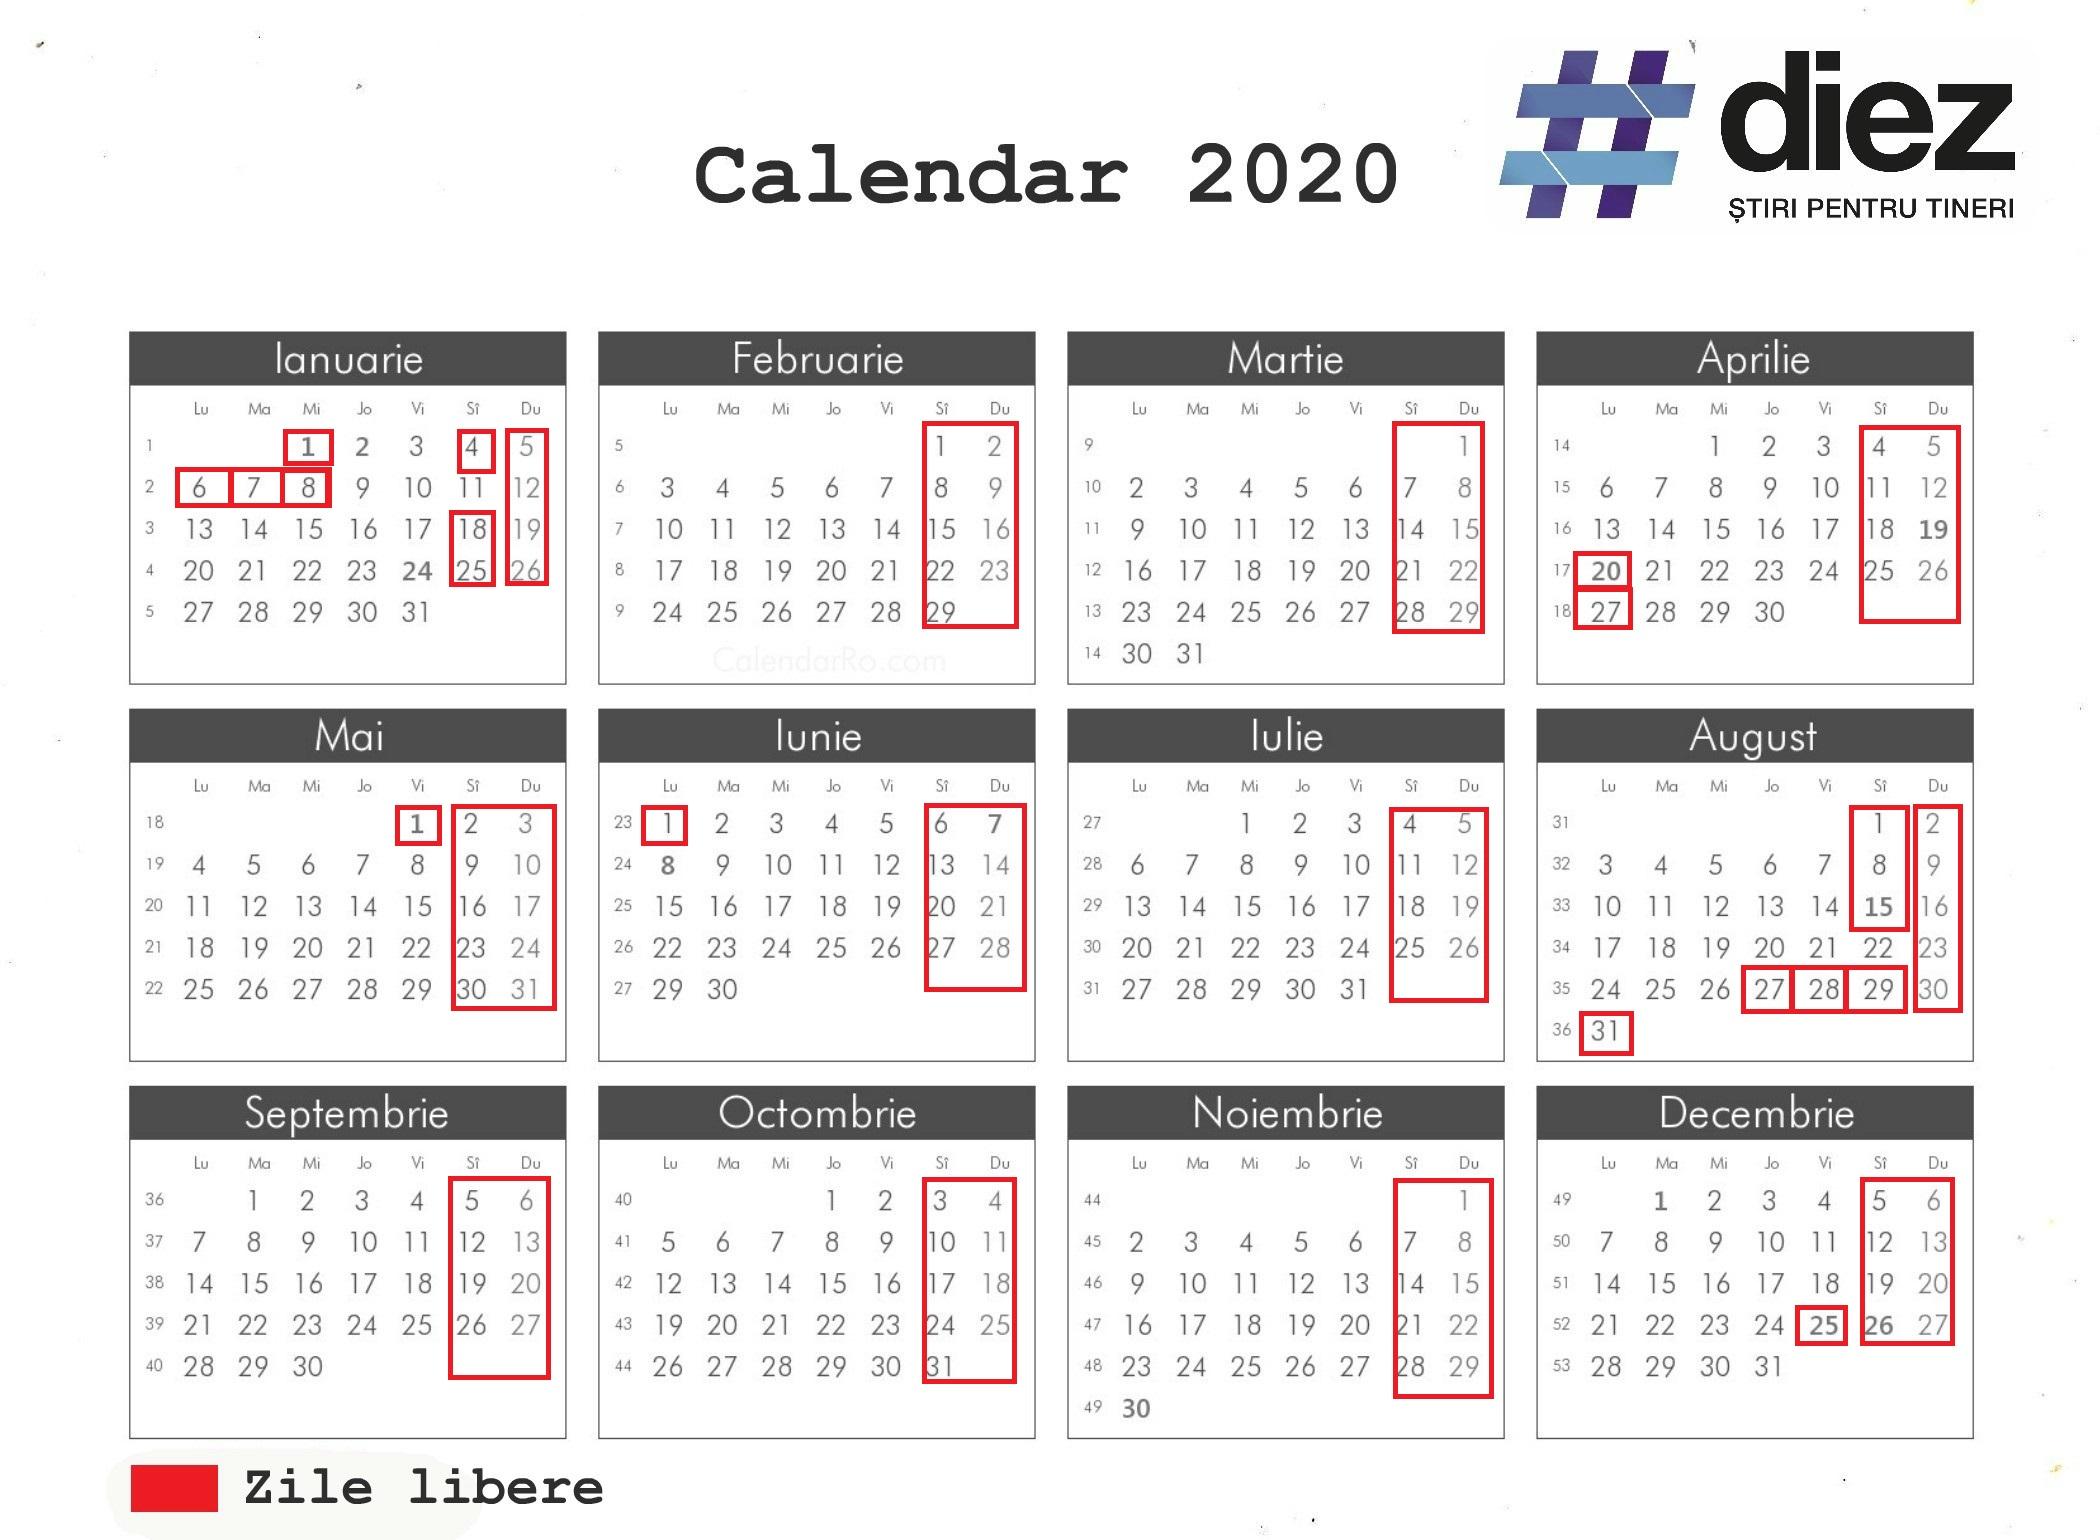 Aprobat De Guvern! Care Vor Fi Zilele De Odihnă În Anul 2020 inside Calendar 2020 Zile Lucratoare